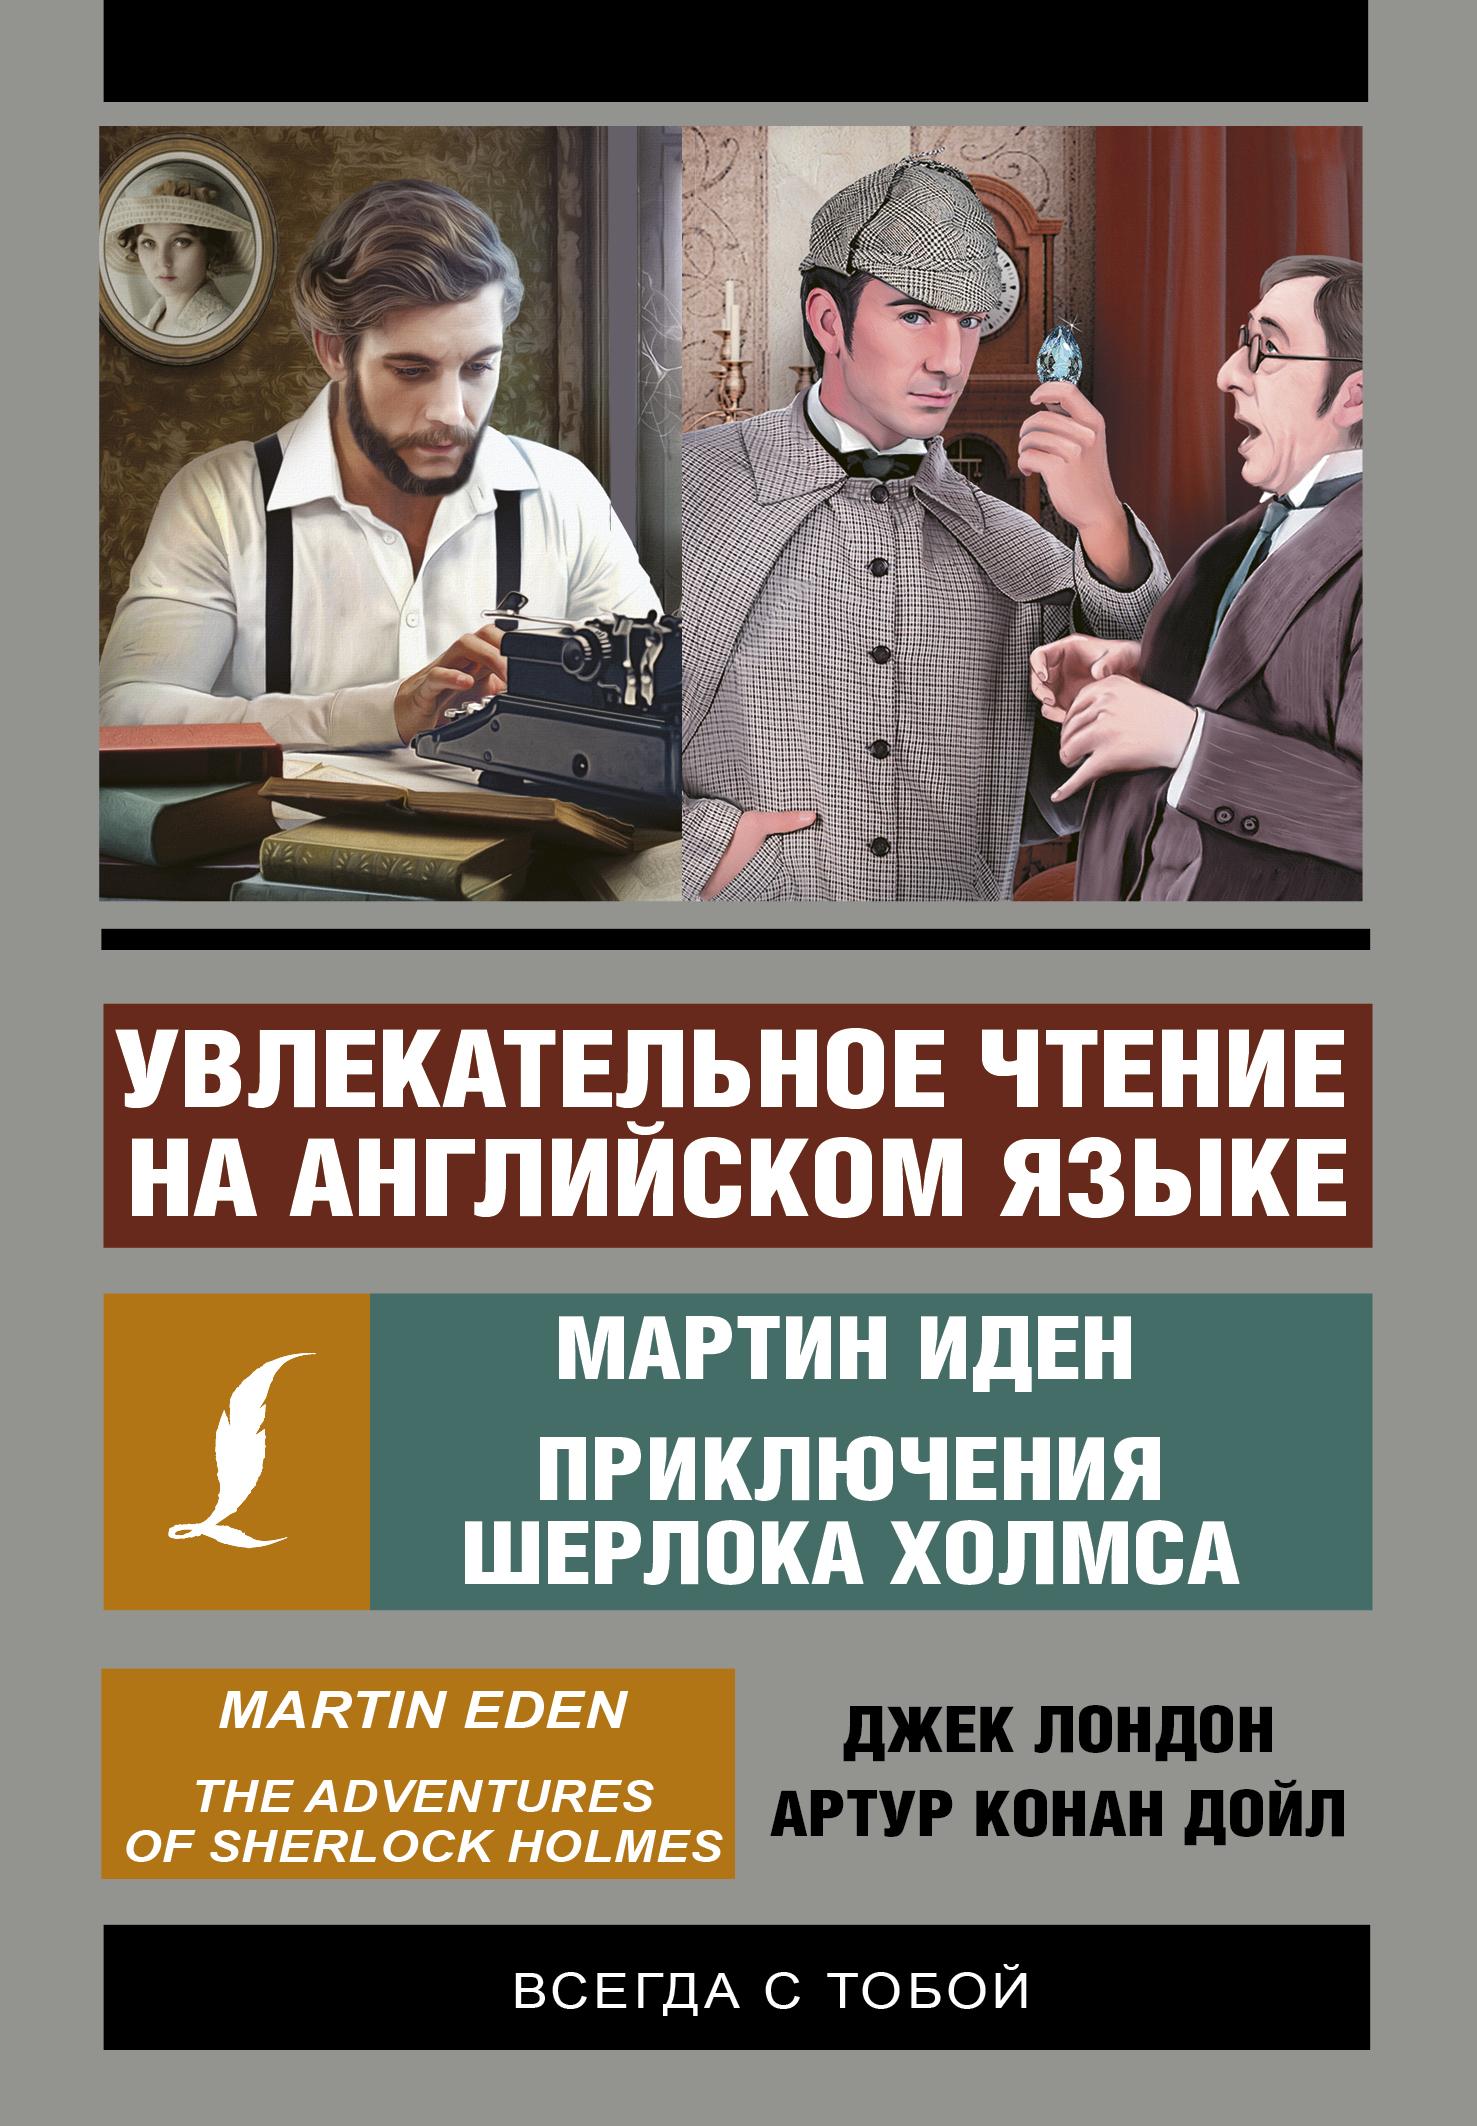 Увлекательное чтение на английском языке: Мартин Иден. Шерлок Холмс ( Дойл А.-К., Лондон Д..  )